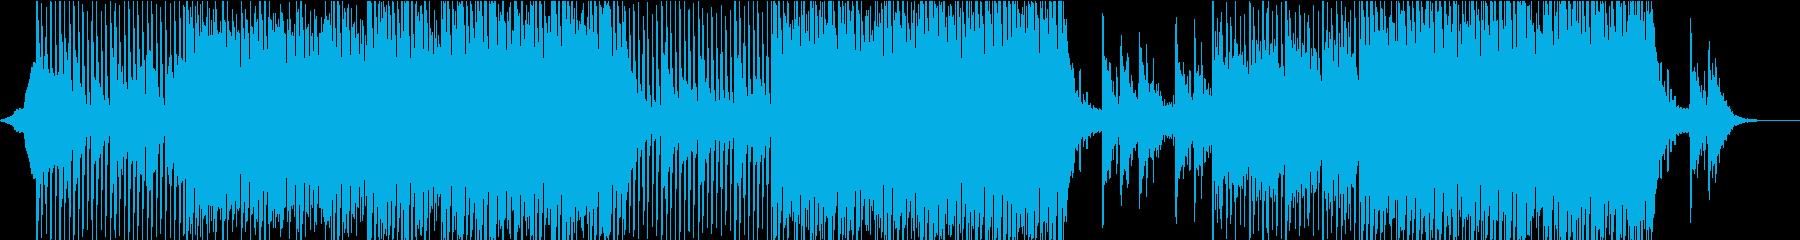 ポップ テクノ ロック ラウンジ ...の再生済みの波形